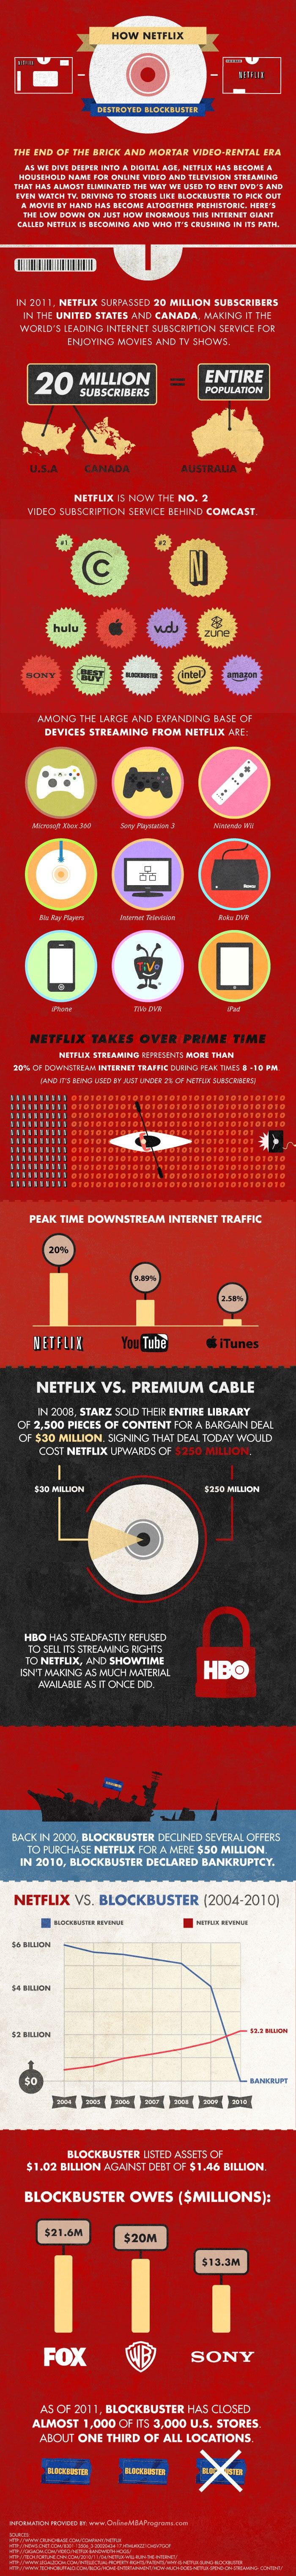 Visualization: How Netflix Beat Blockbuster